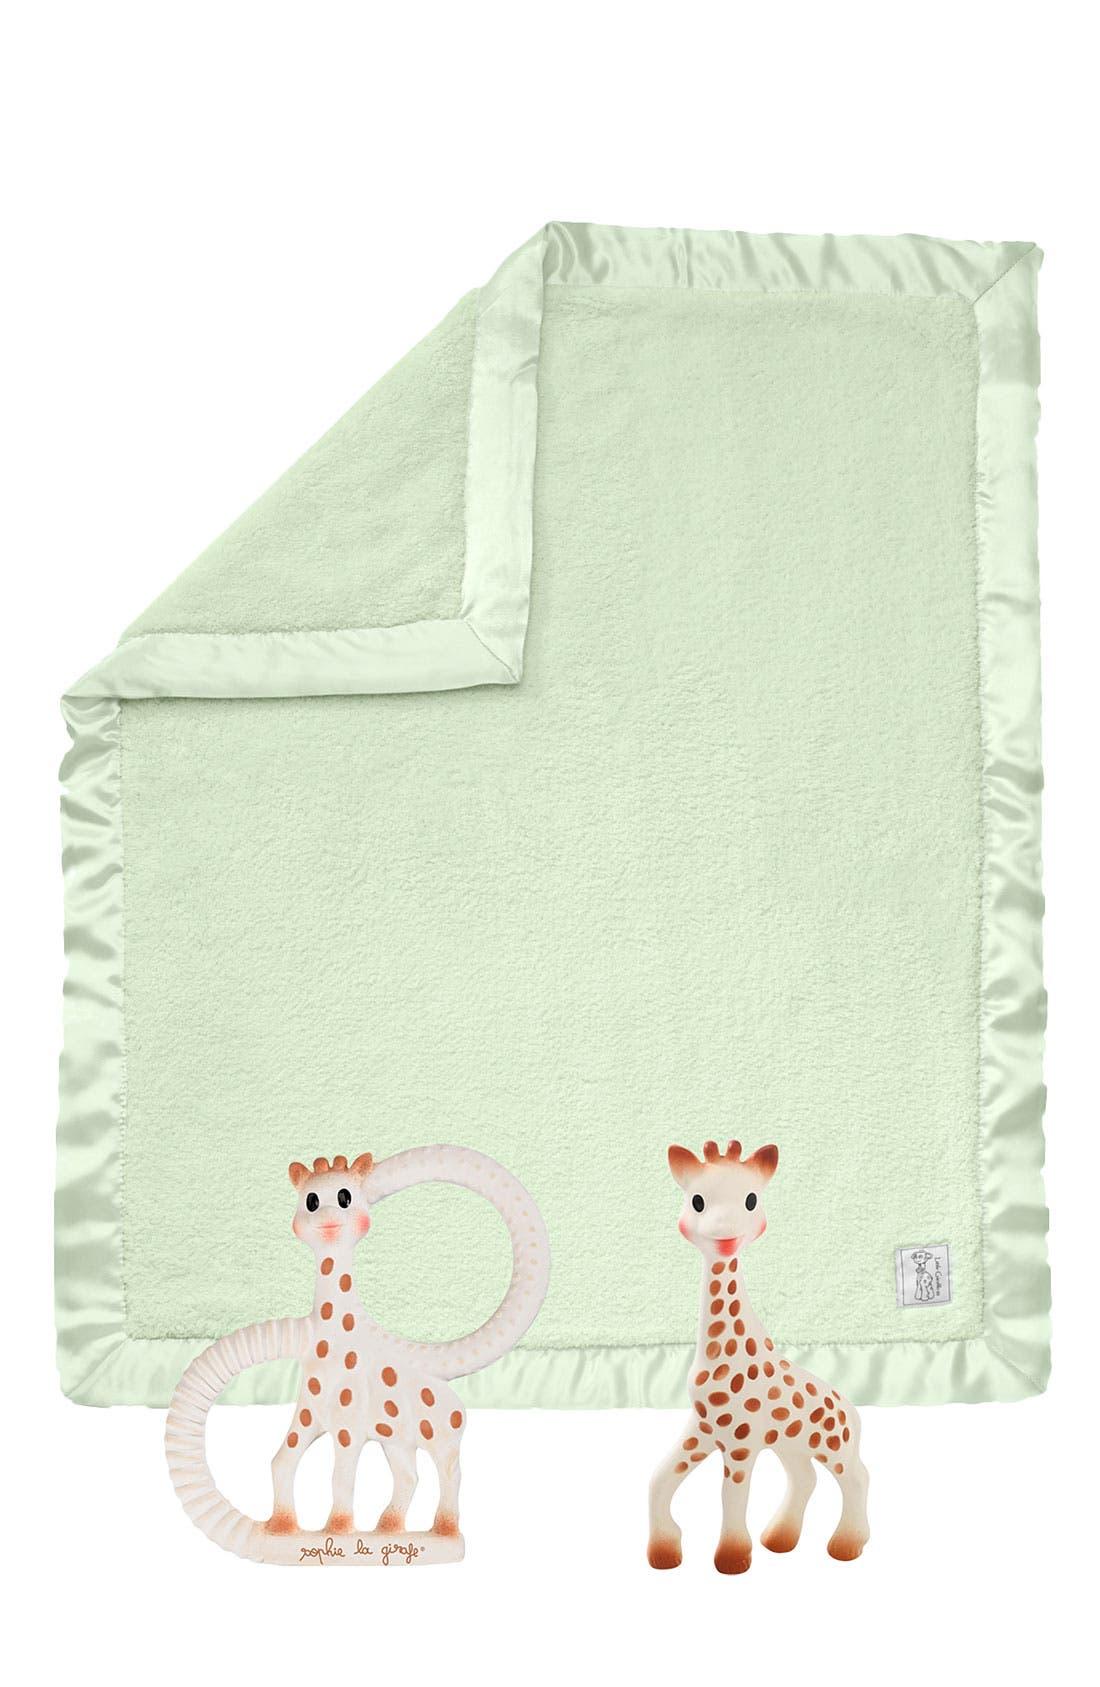 Alternate Image 1 Selected - Sophie la Girafe Teething Toy & Little Giraffe Blanket (Infant)